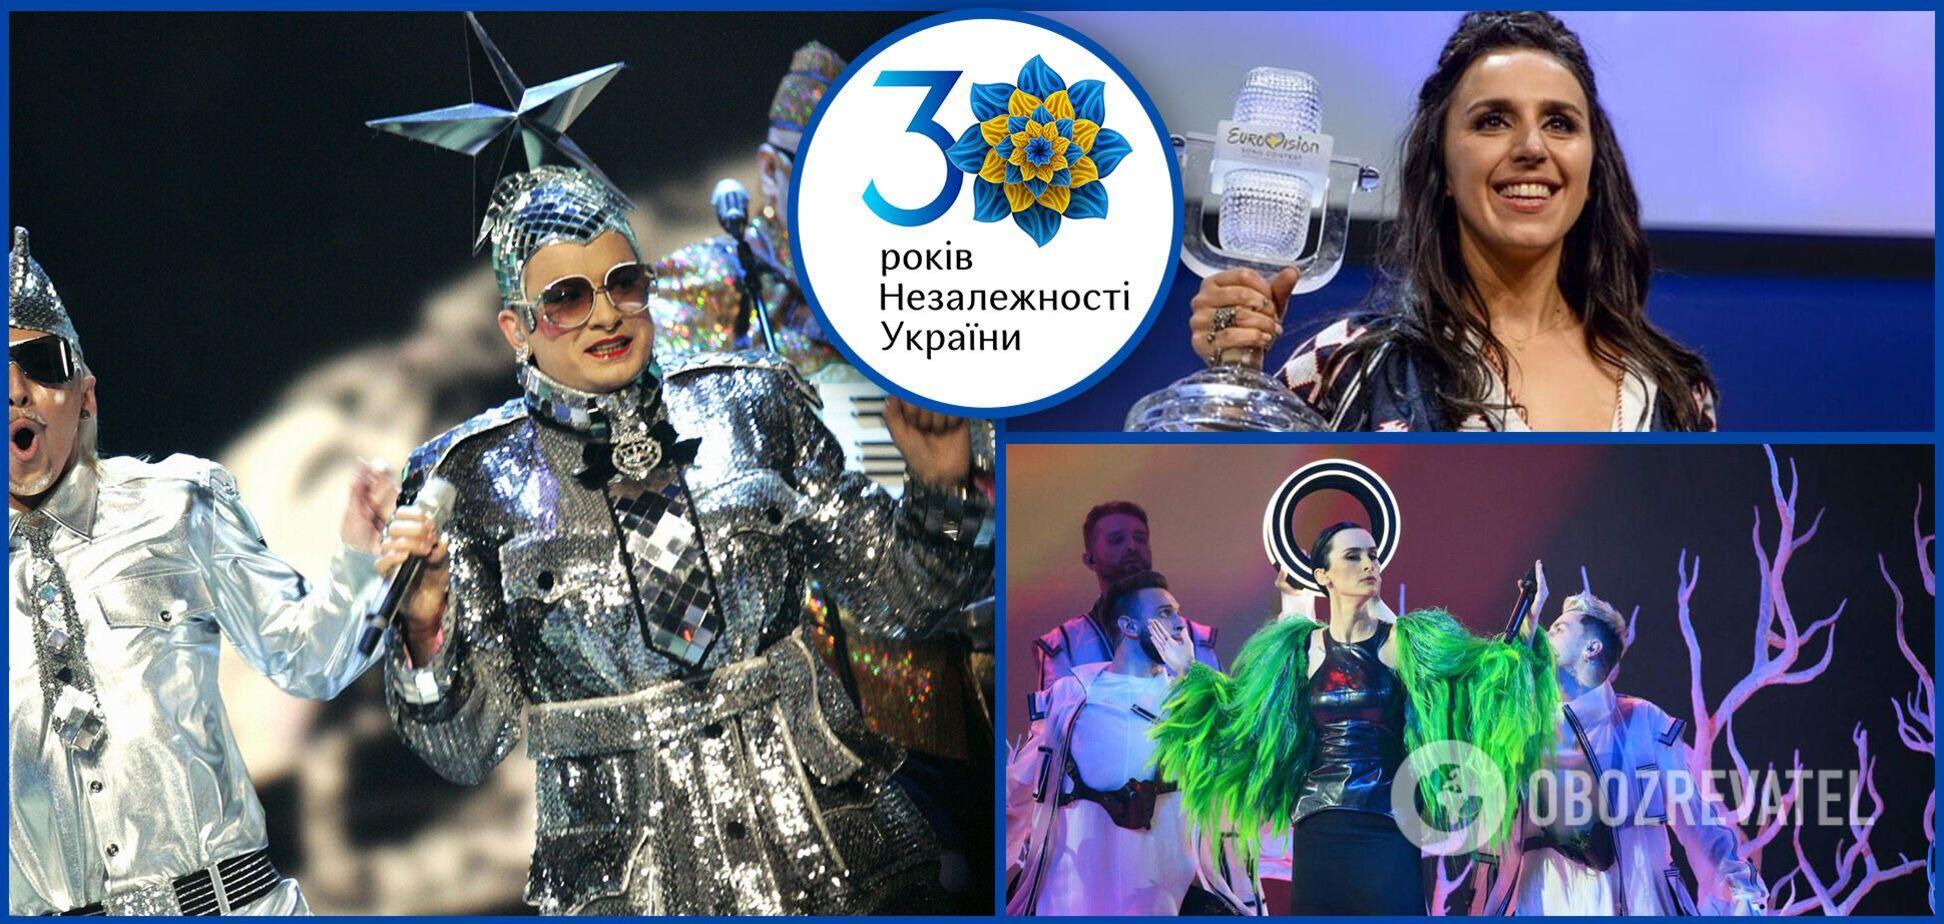 'Дикие танцы' для Европы и благословение УПЦ МП на победу: как Украина с рекордами покоряла Евровидение